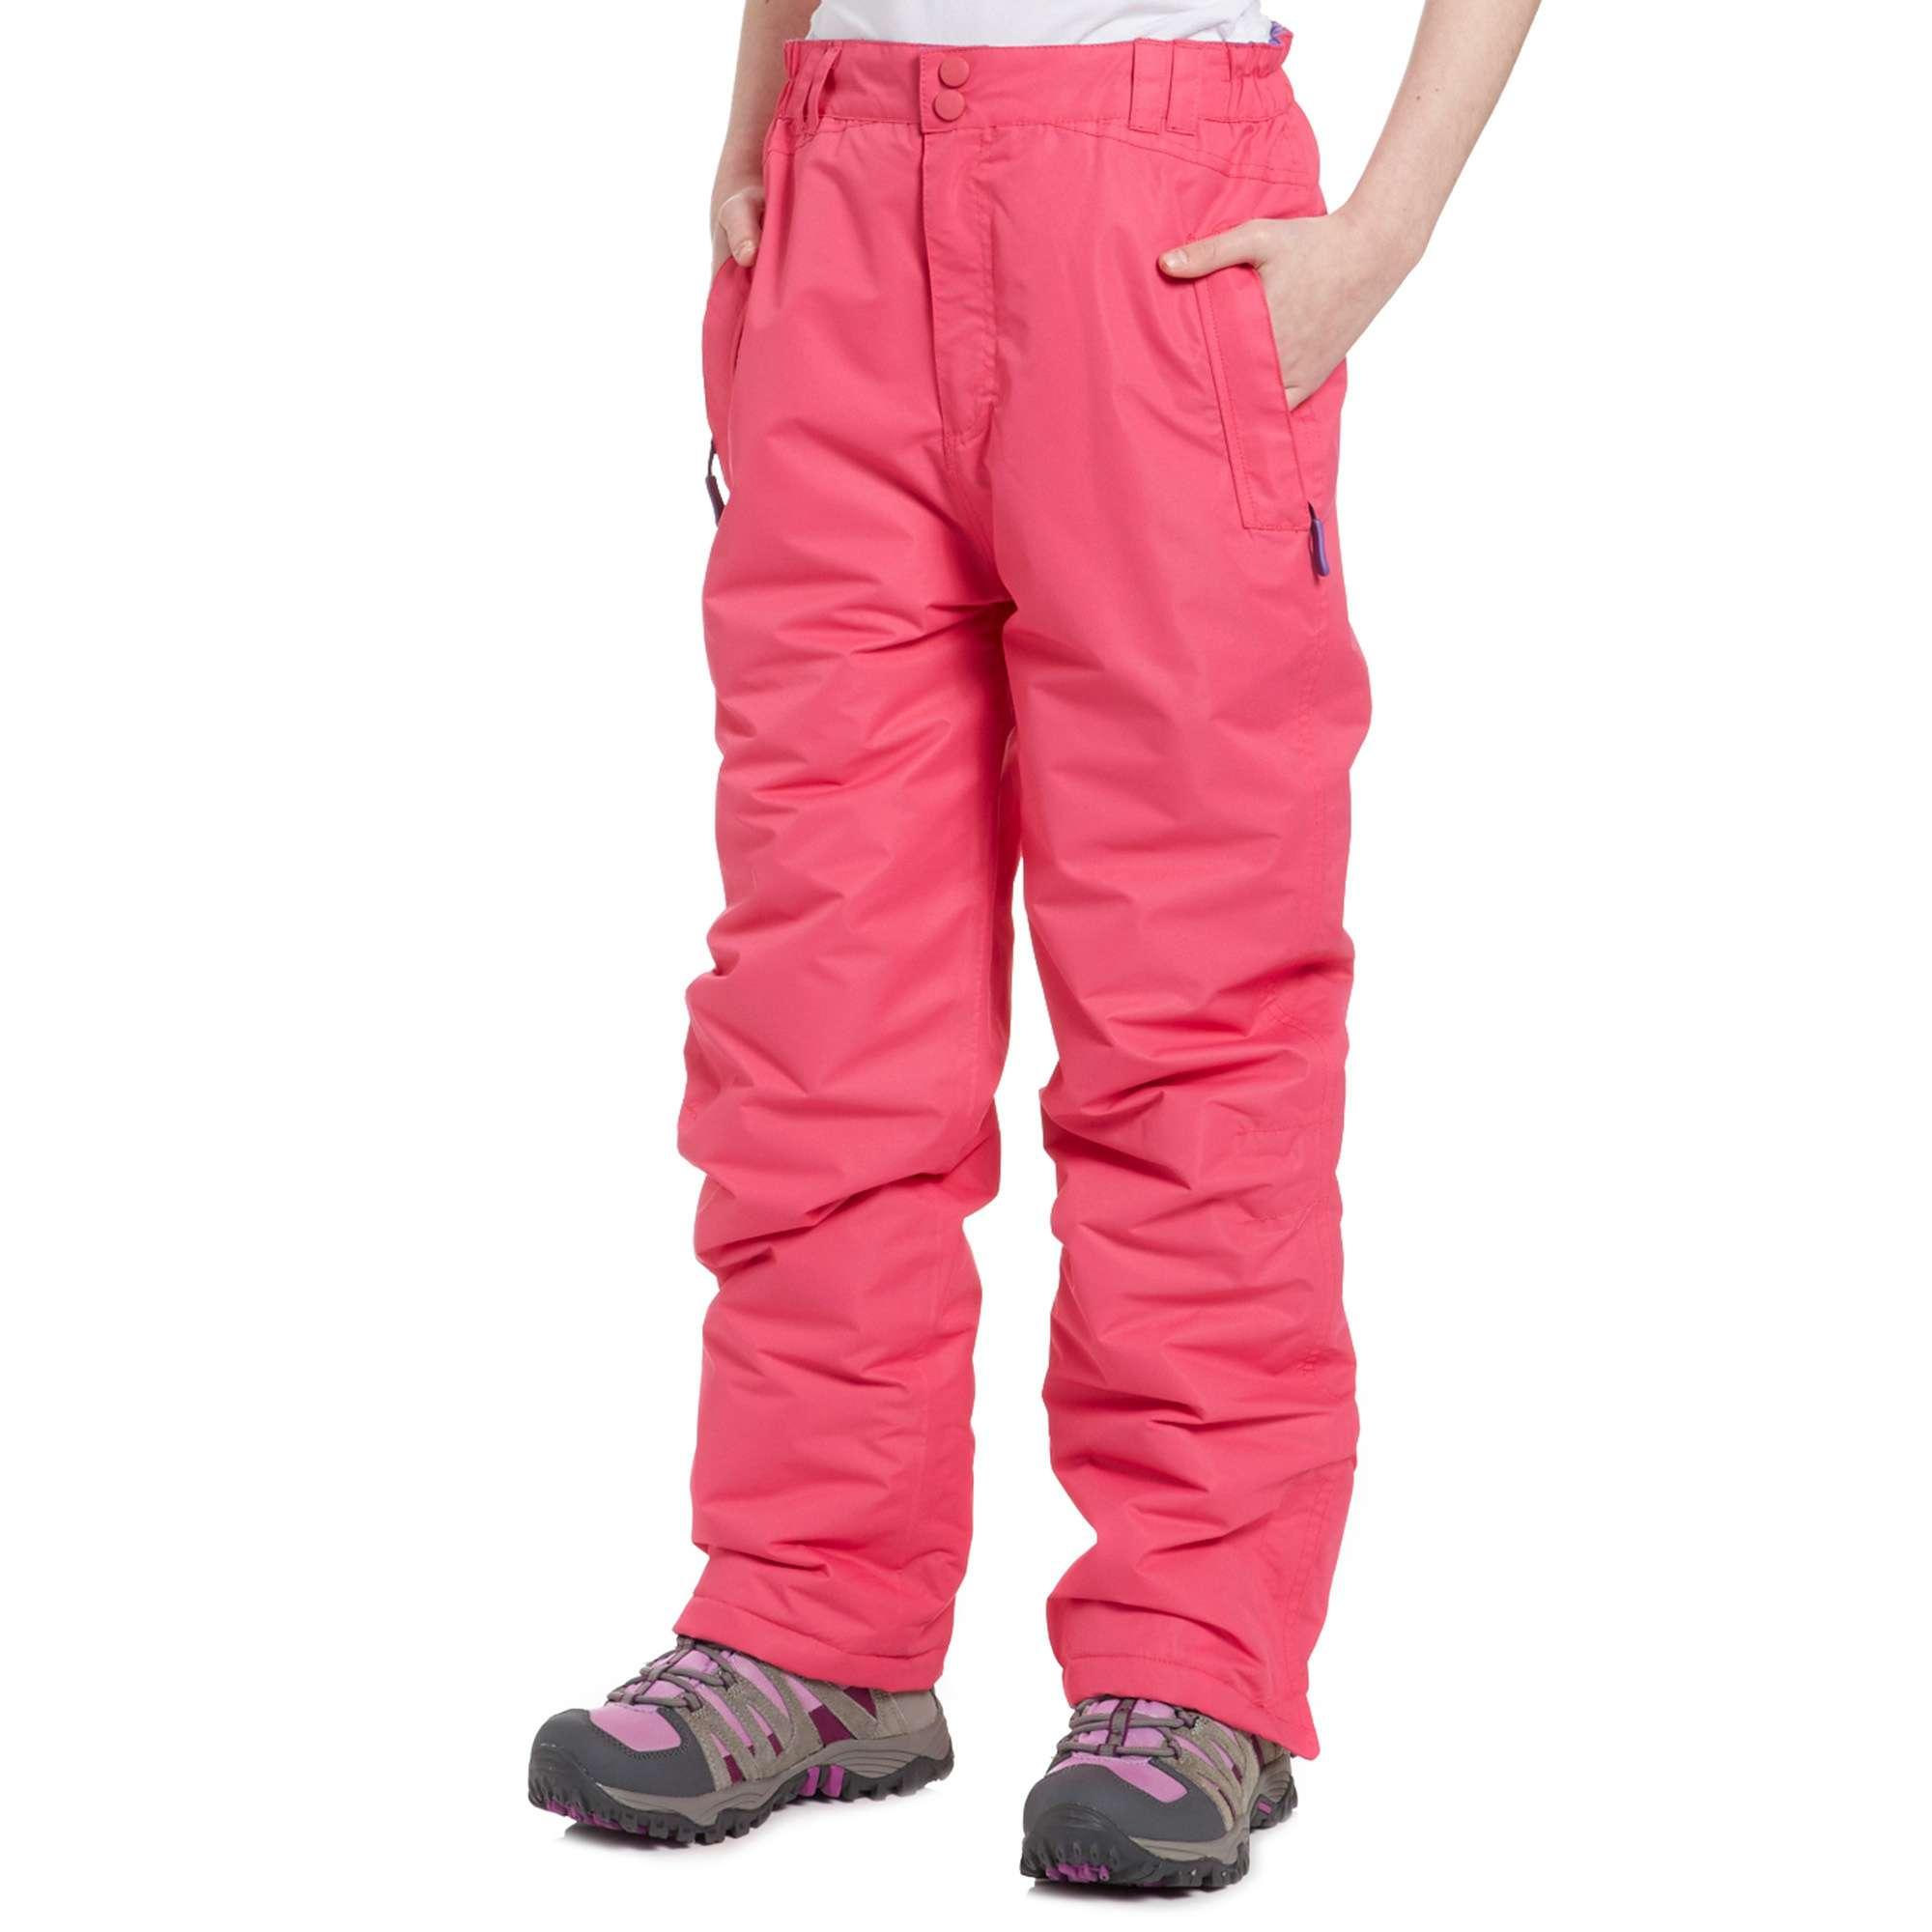 ALPINE Girls' Ski Pants